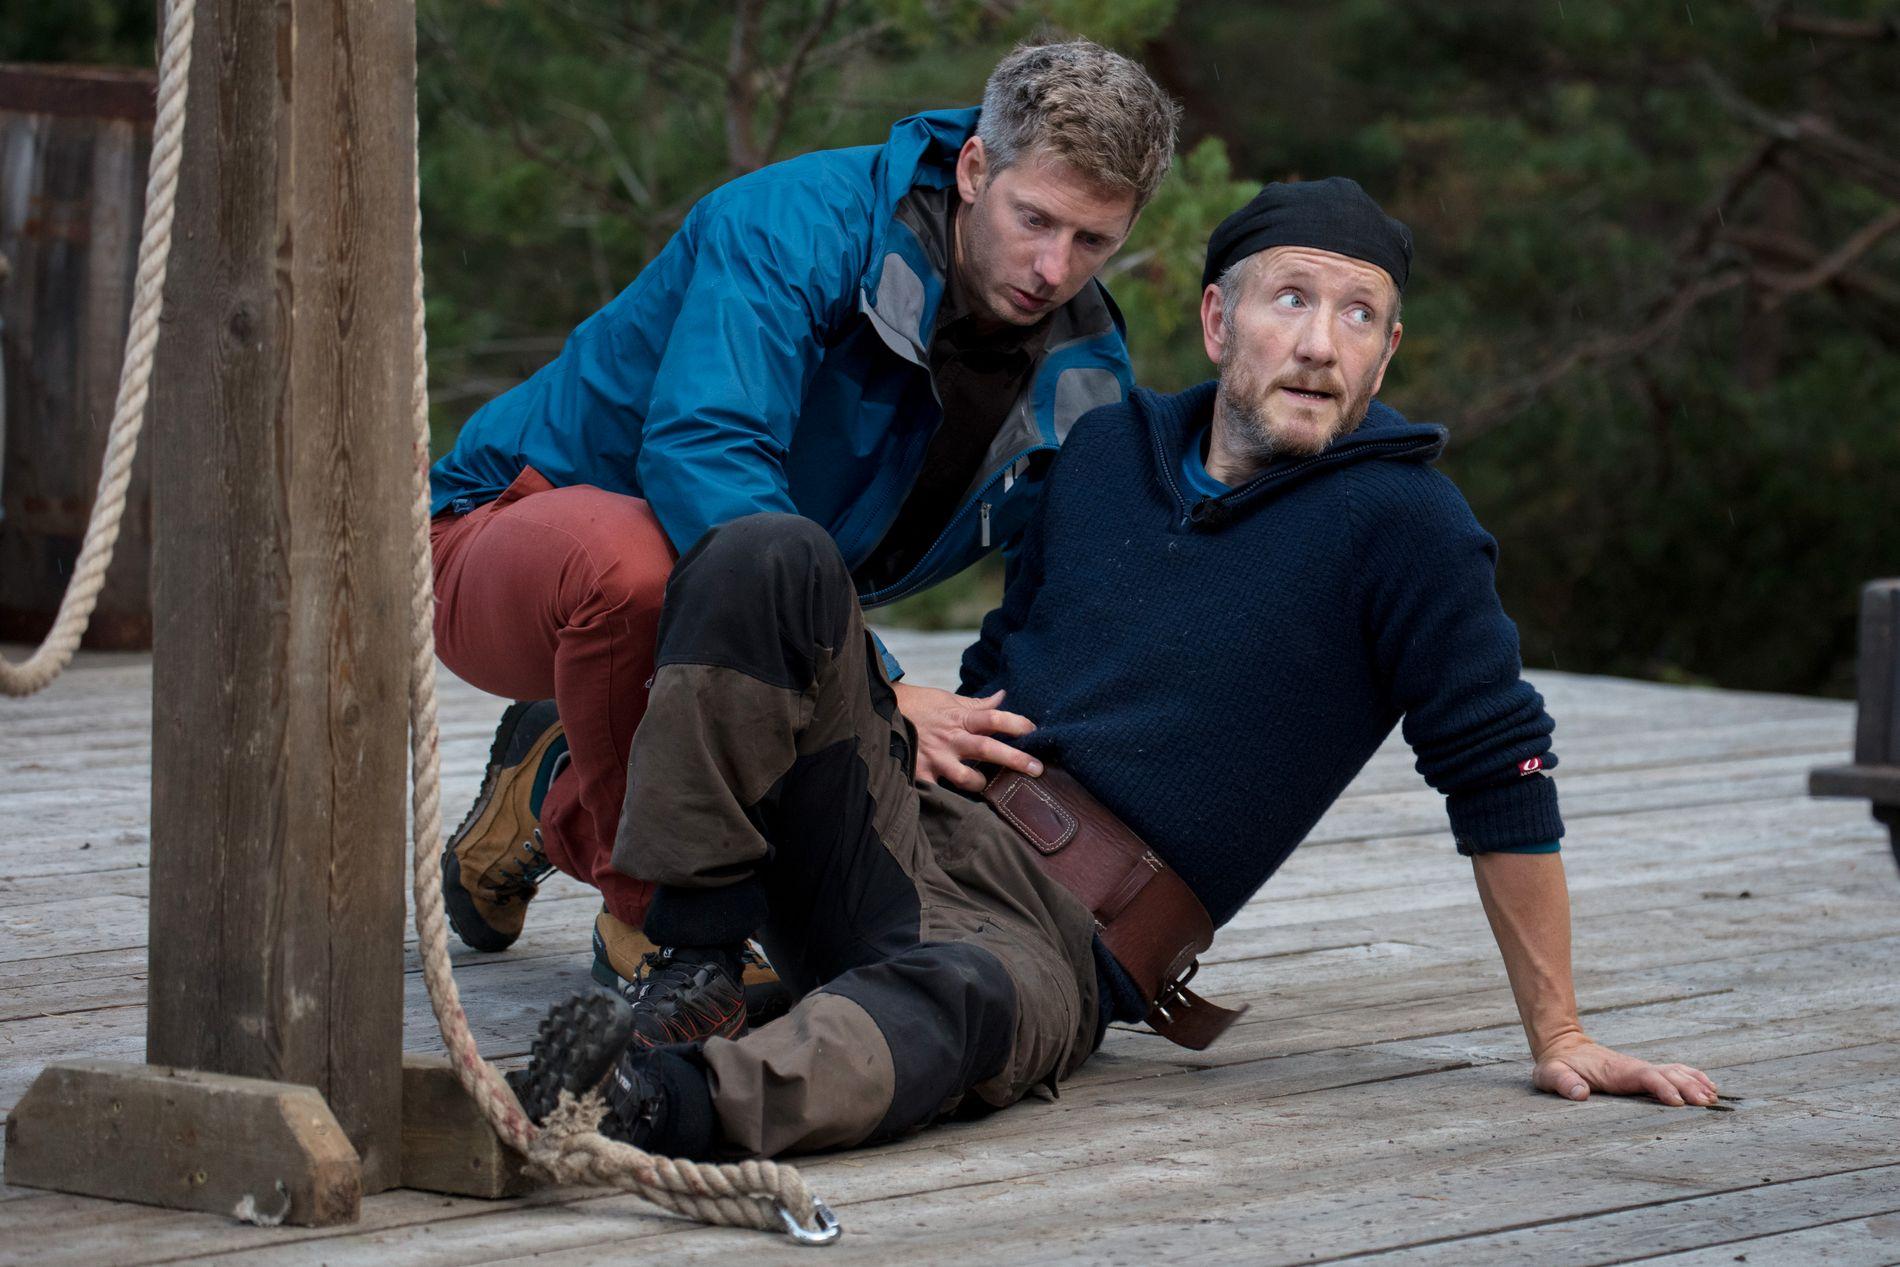 «PREDIKANTEN»: Geir Magne Haukås, her med Gaute Grøtta Grav etter å ha tapt tvekampen, var en ivrig Bibel-underviser på gården.